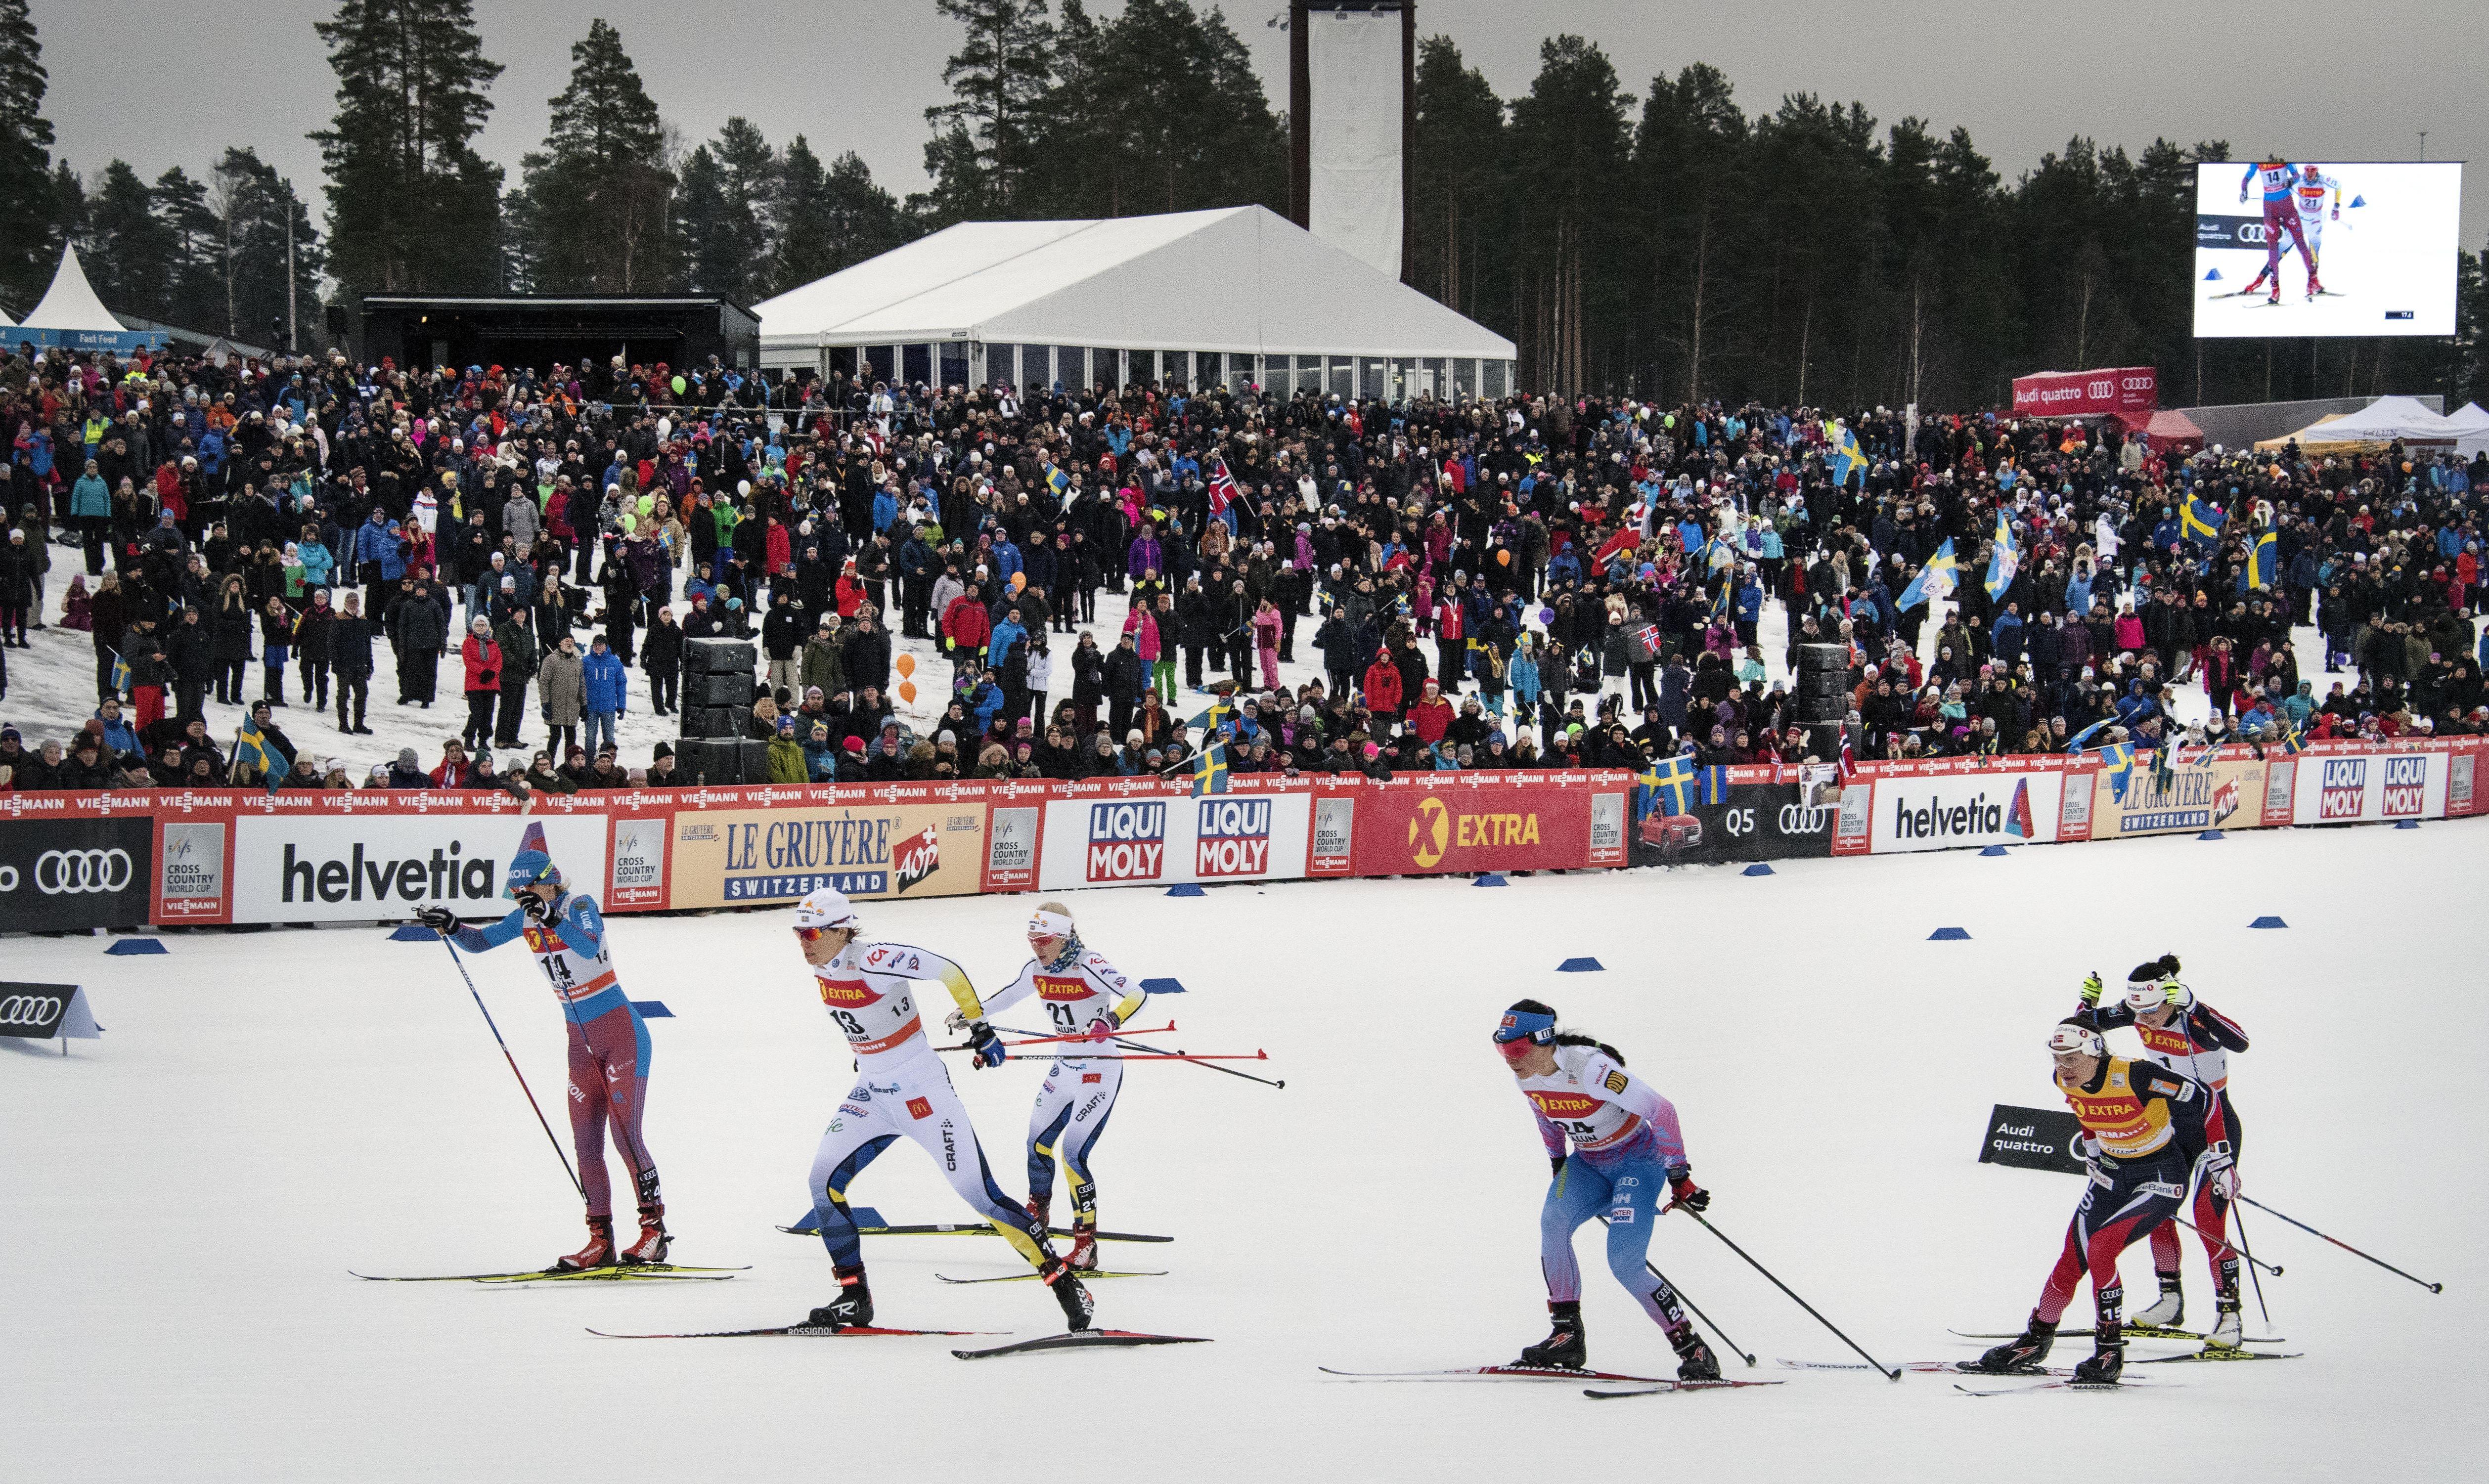 FIS Cross-Country World Cup Svenska Skidspelen